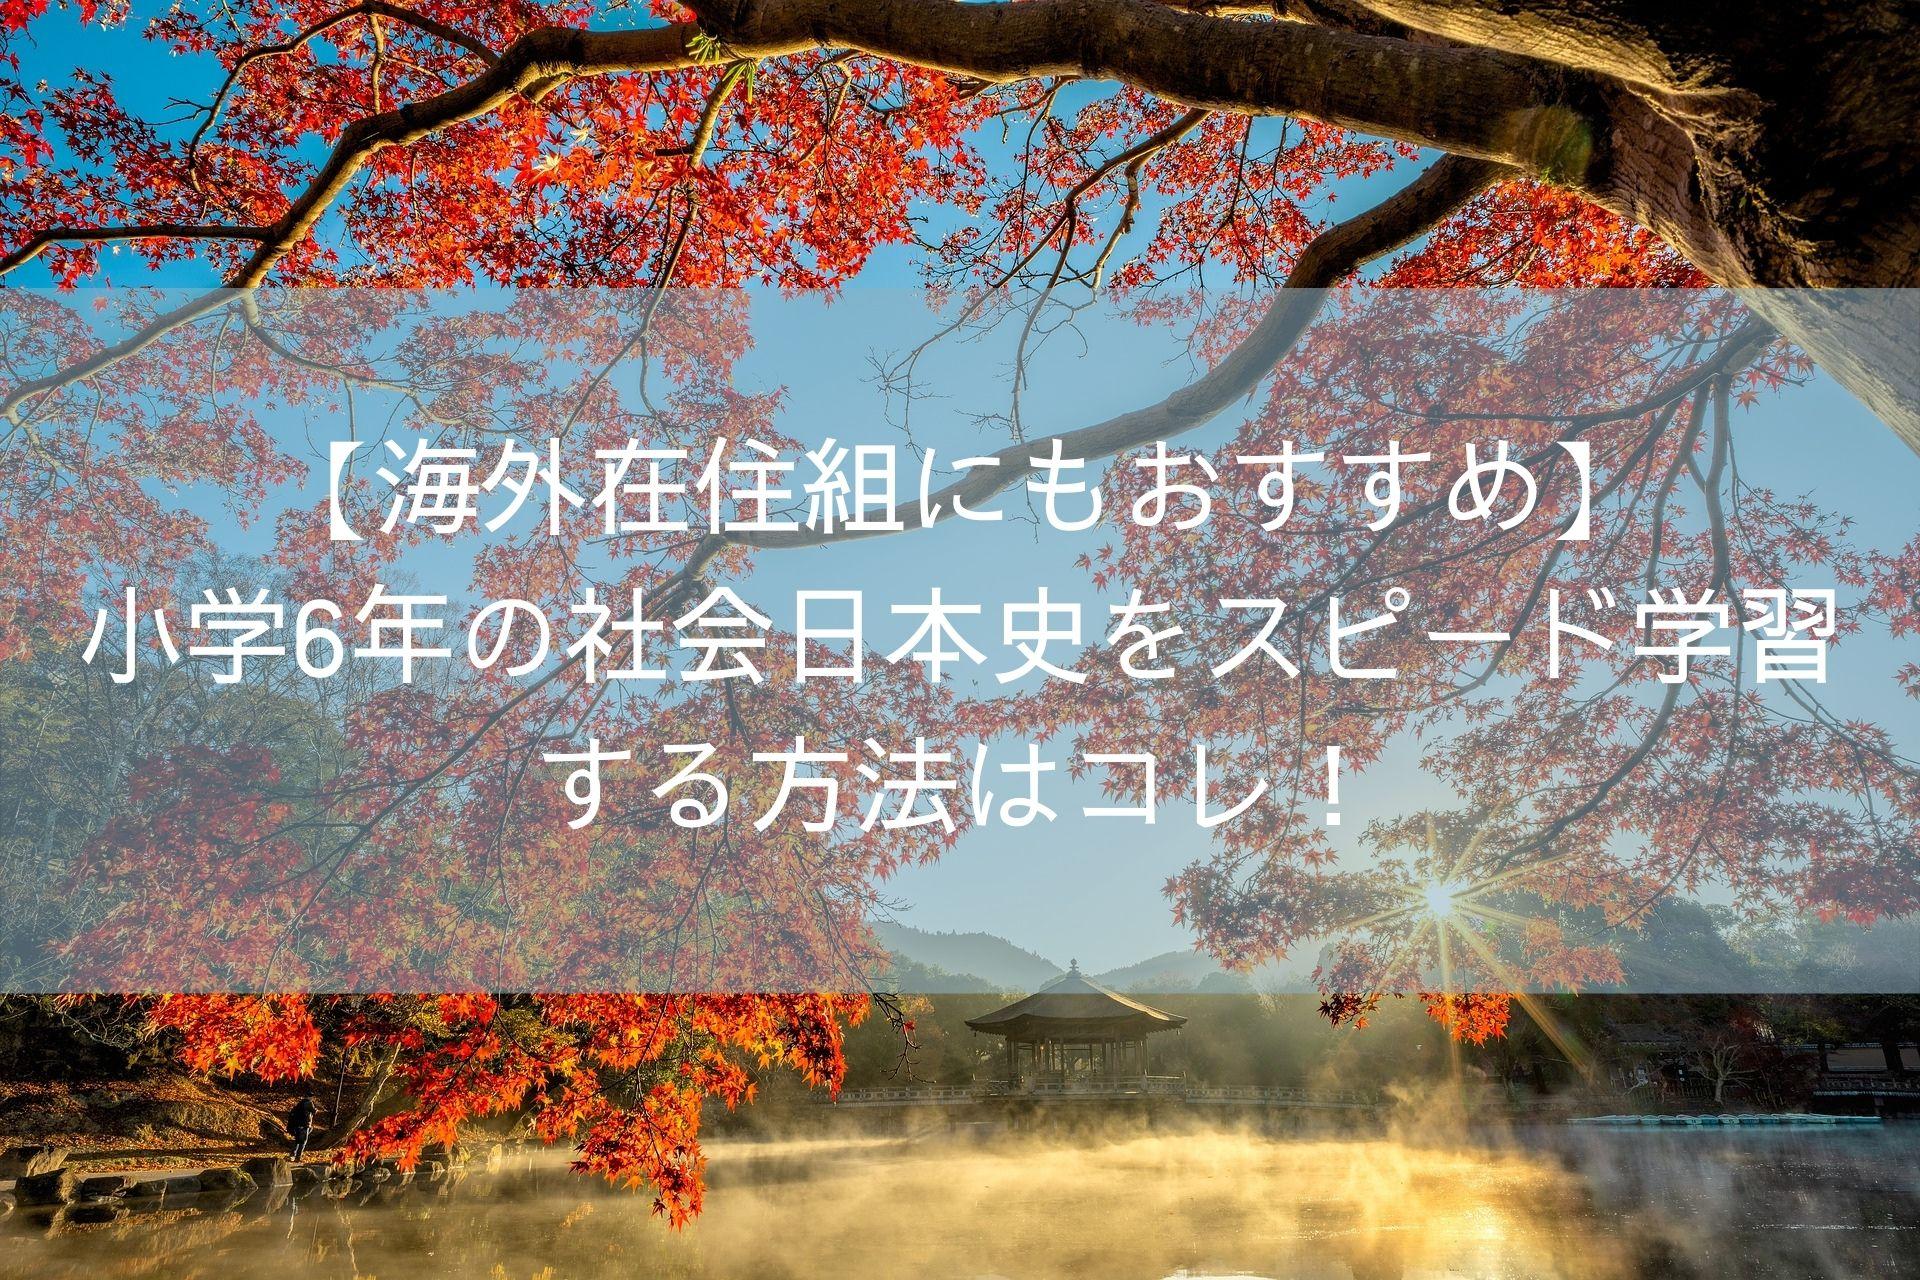 【海外在住組にもおすすめ】 小学6年の社会日本史をスピード学習 する方法はコレ!